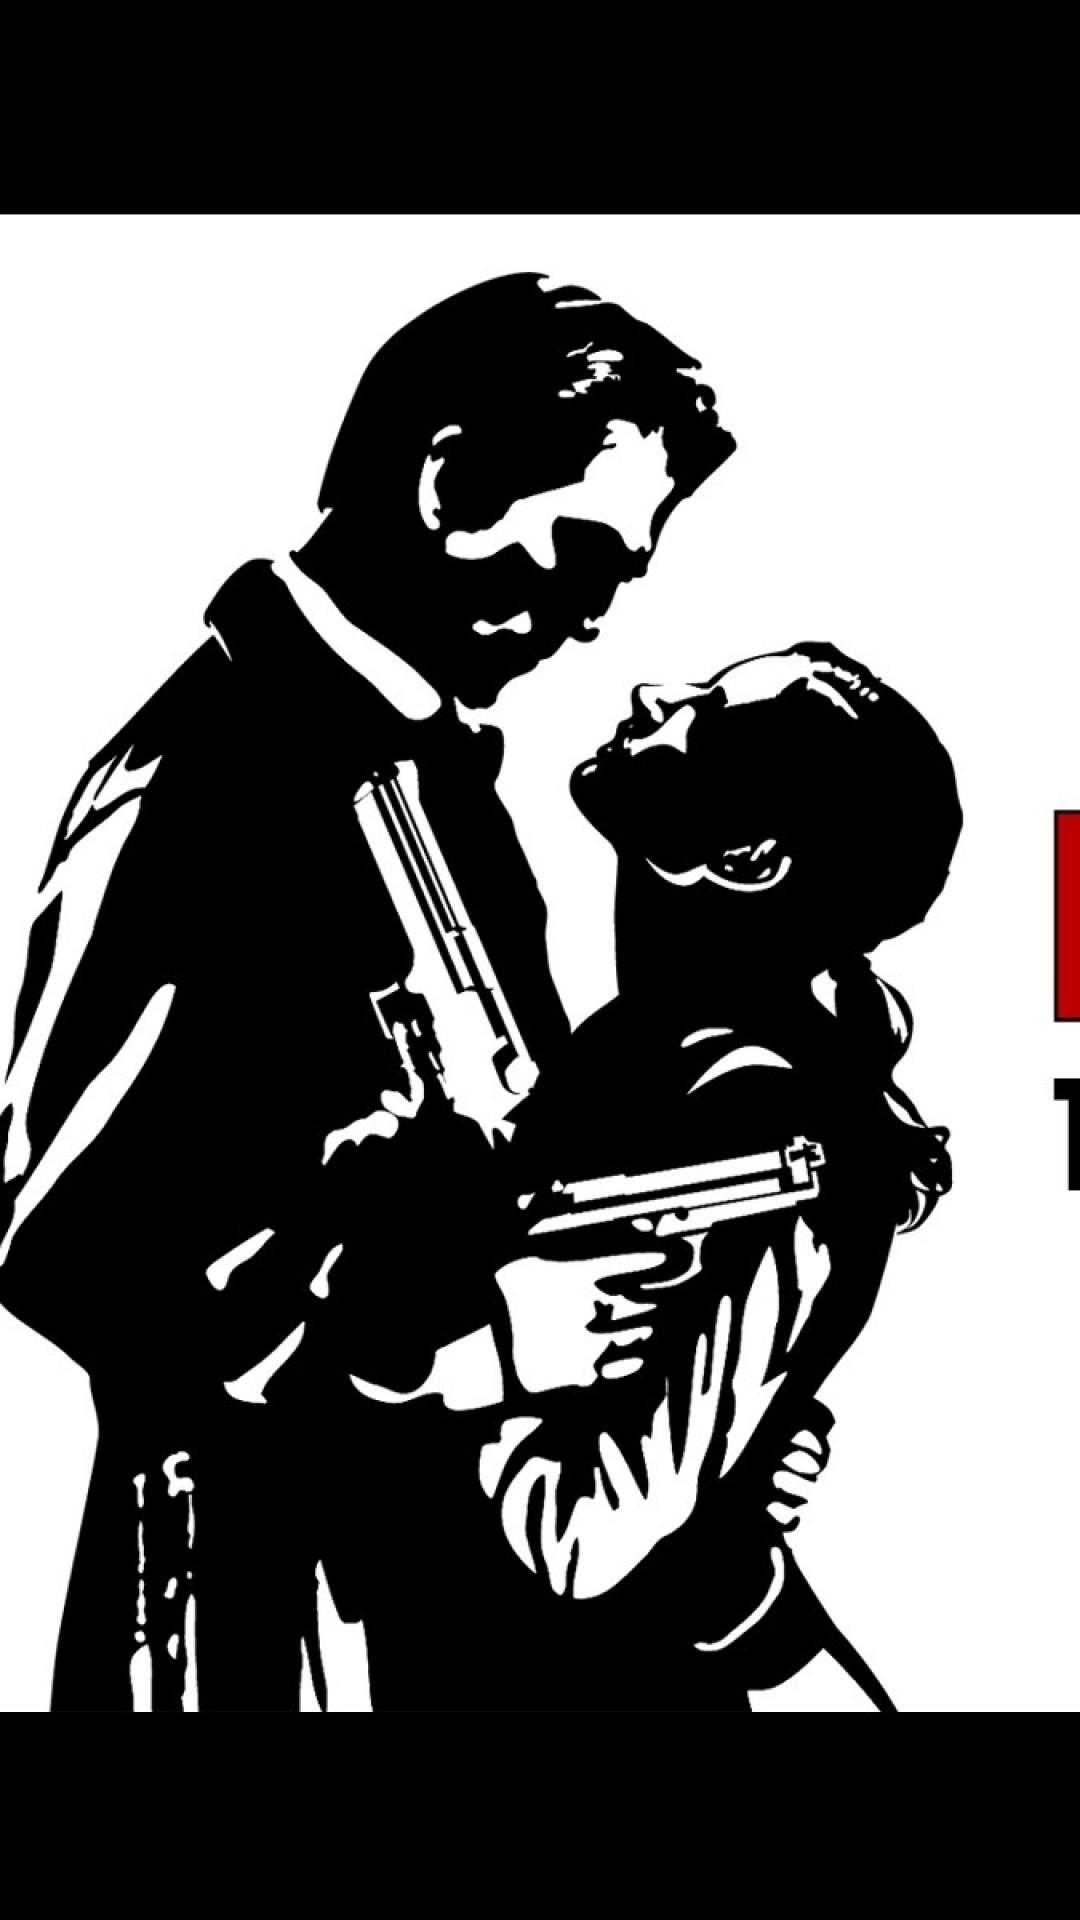 Max Payne 2 The Fall Of Max Payne Wallpaper Max Payne 2 Wallpaper 183 ① Wallpapertag